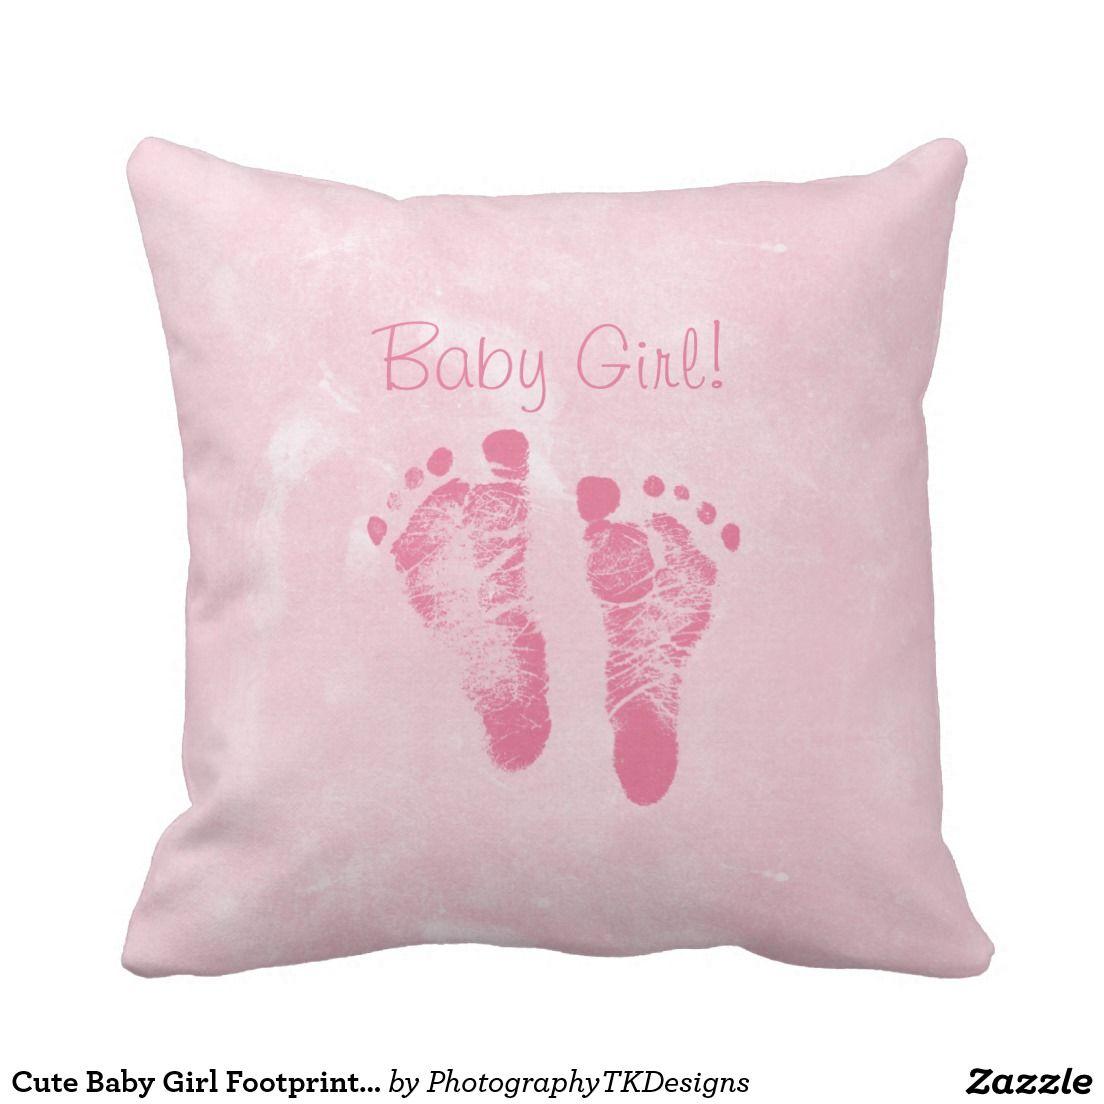 Cute Baby Girl Footprints Birth Announcement Throw Cushion